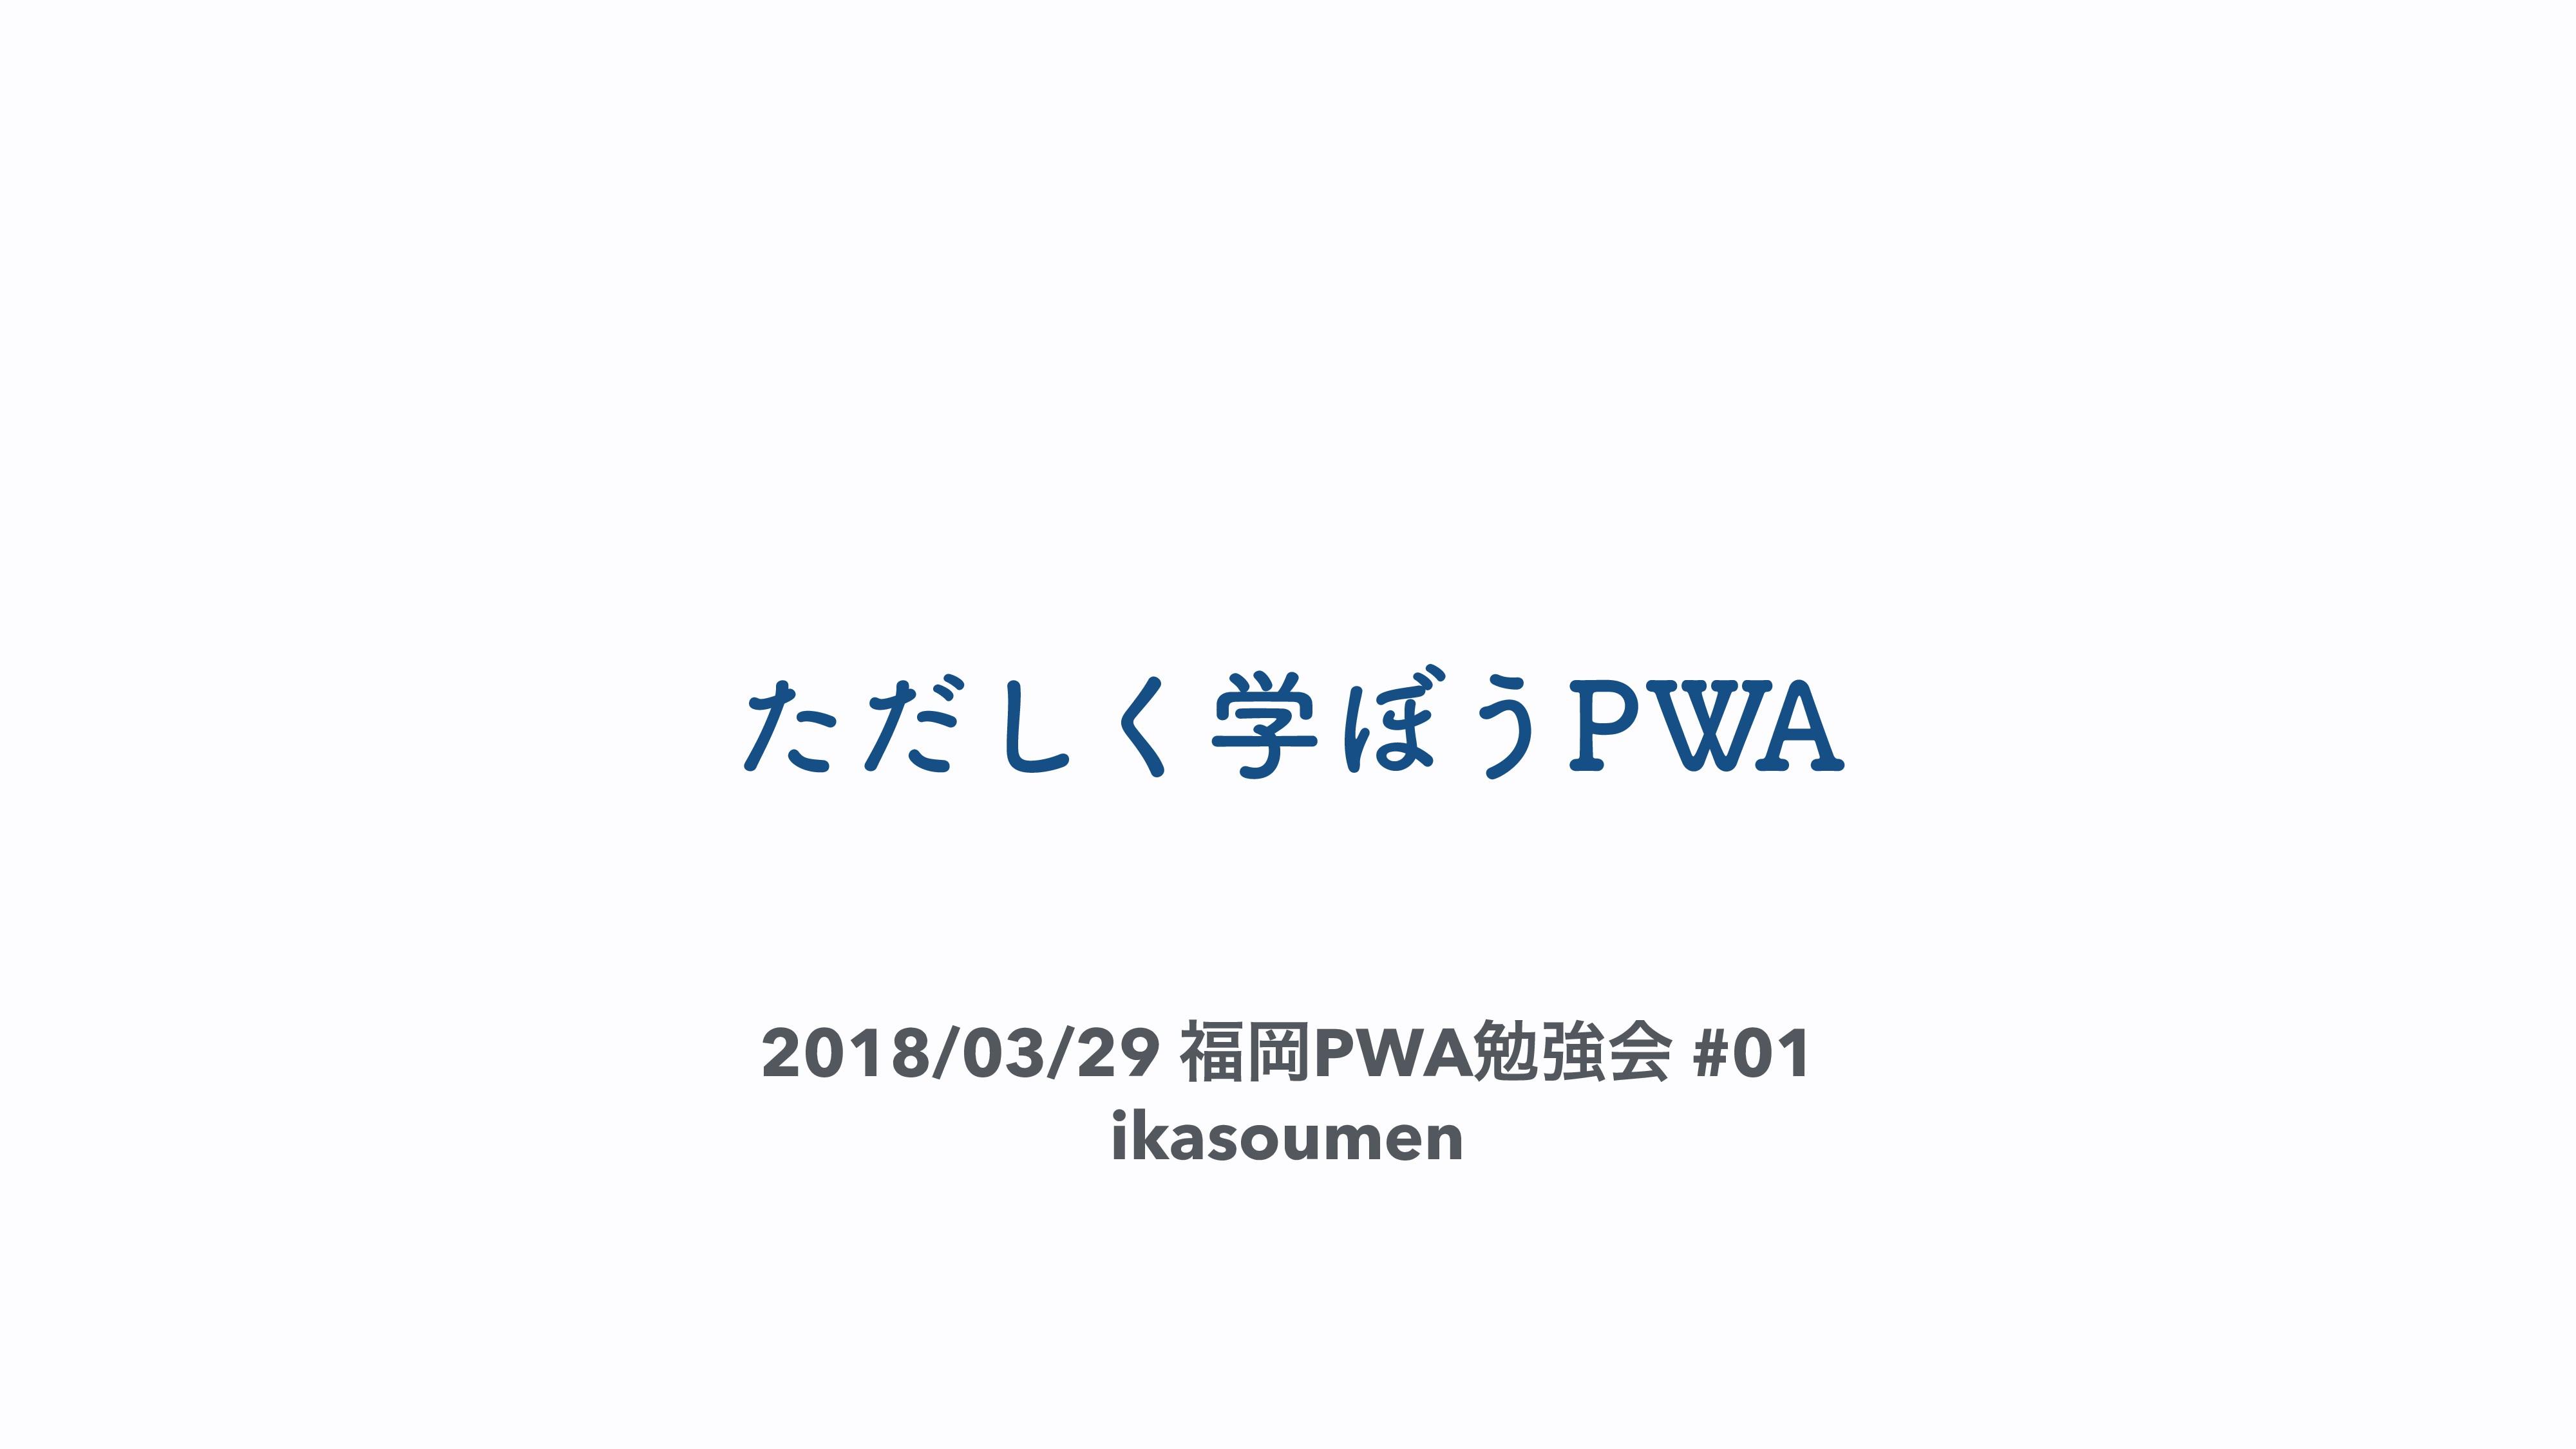 """ֶͨͩ͘͠΅͏18"""" ikasoumen 2018/03/29 ԬPWAษڧձ #01"""